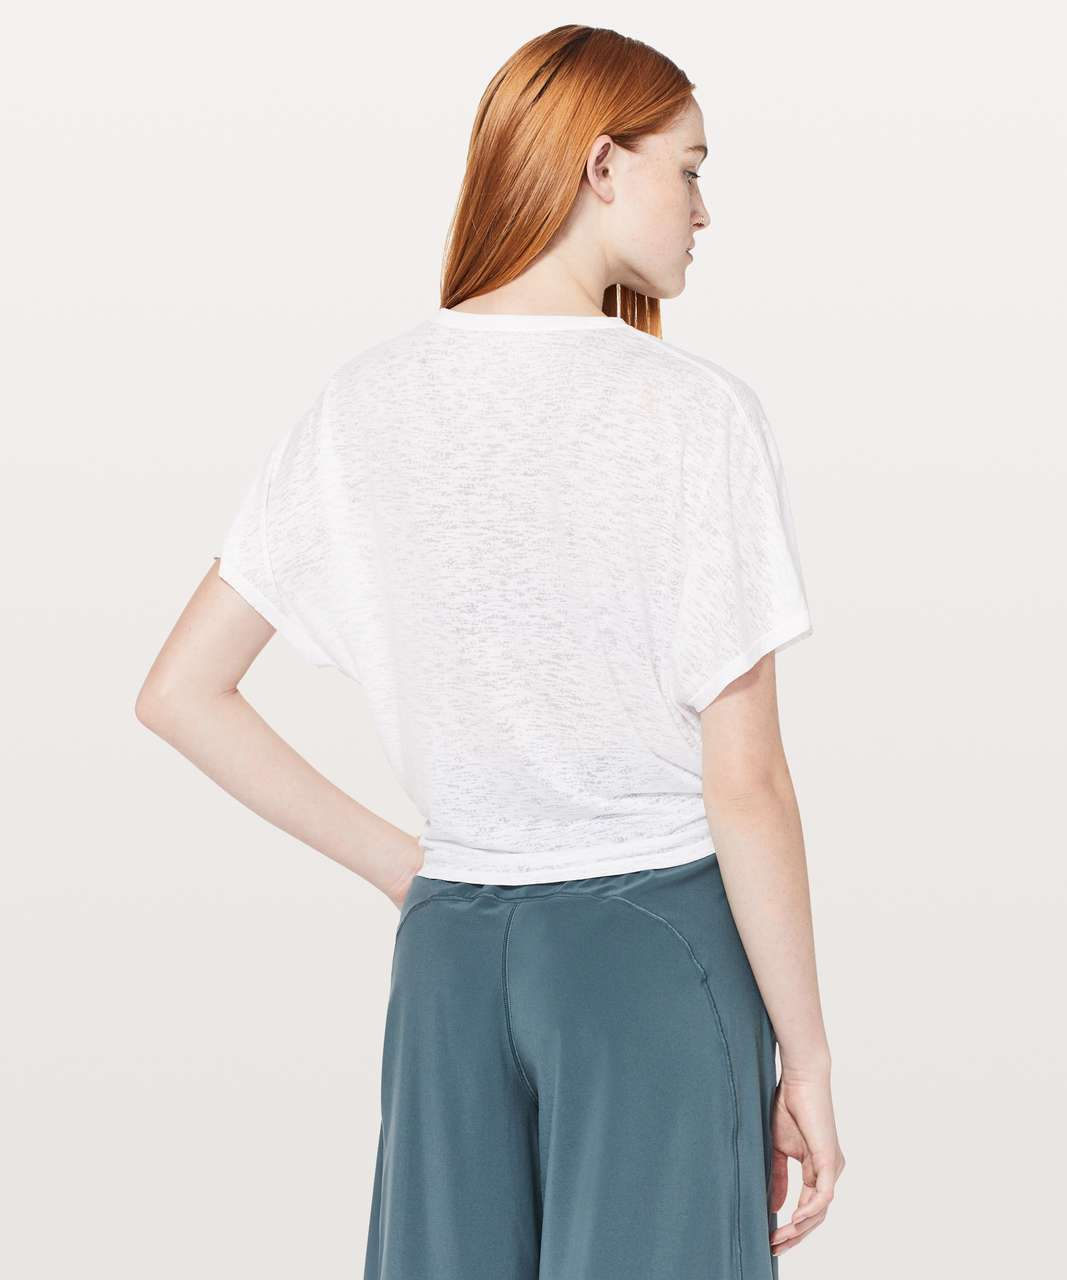 Lululemon In Sequence Short Sleeve - White